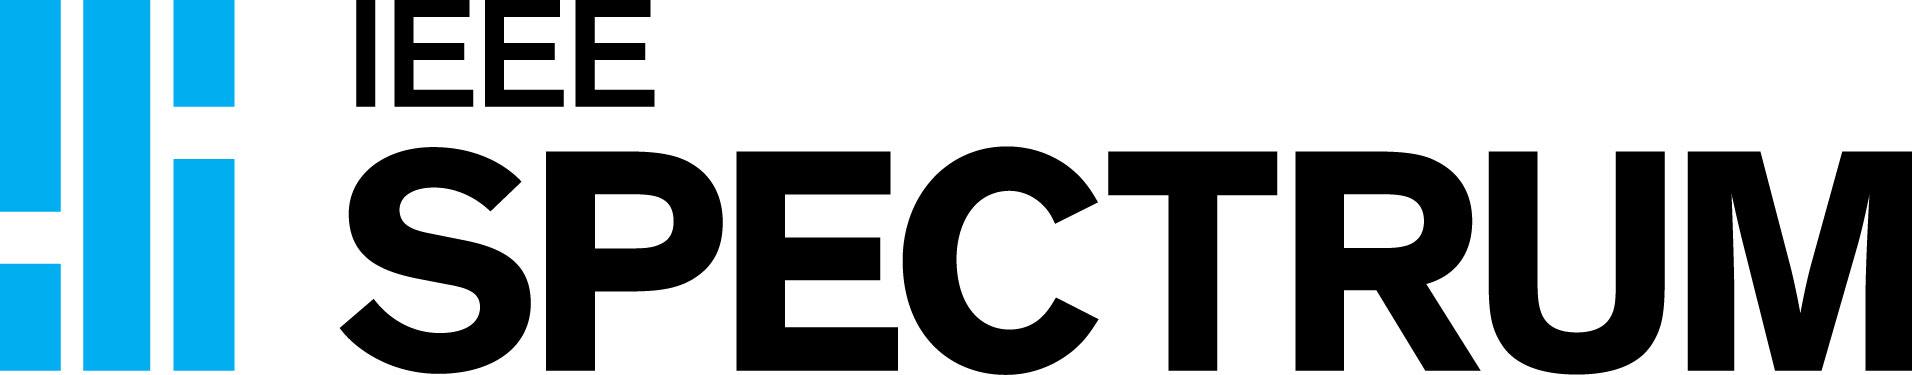 IEEE Spectrum (7.5.16)